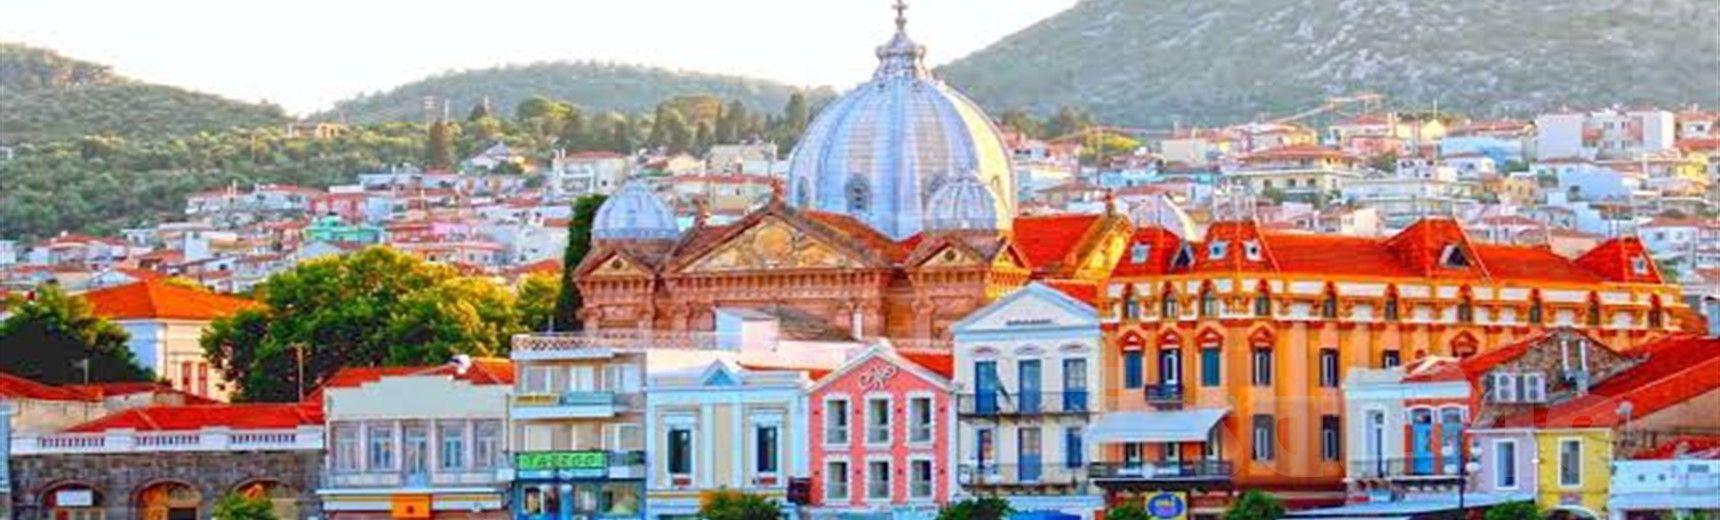 Her gün Kalkışlı 1 Gece 2 Gün Konaklamalı Yunan Adası: Midilli, Sakız, Kos veya Rodos Turu '1 ALANA 1 BEDAVA'